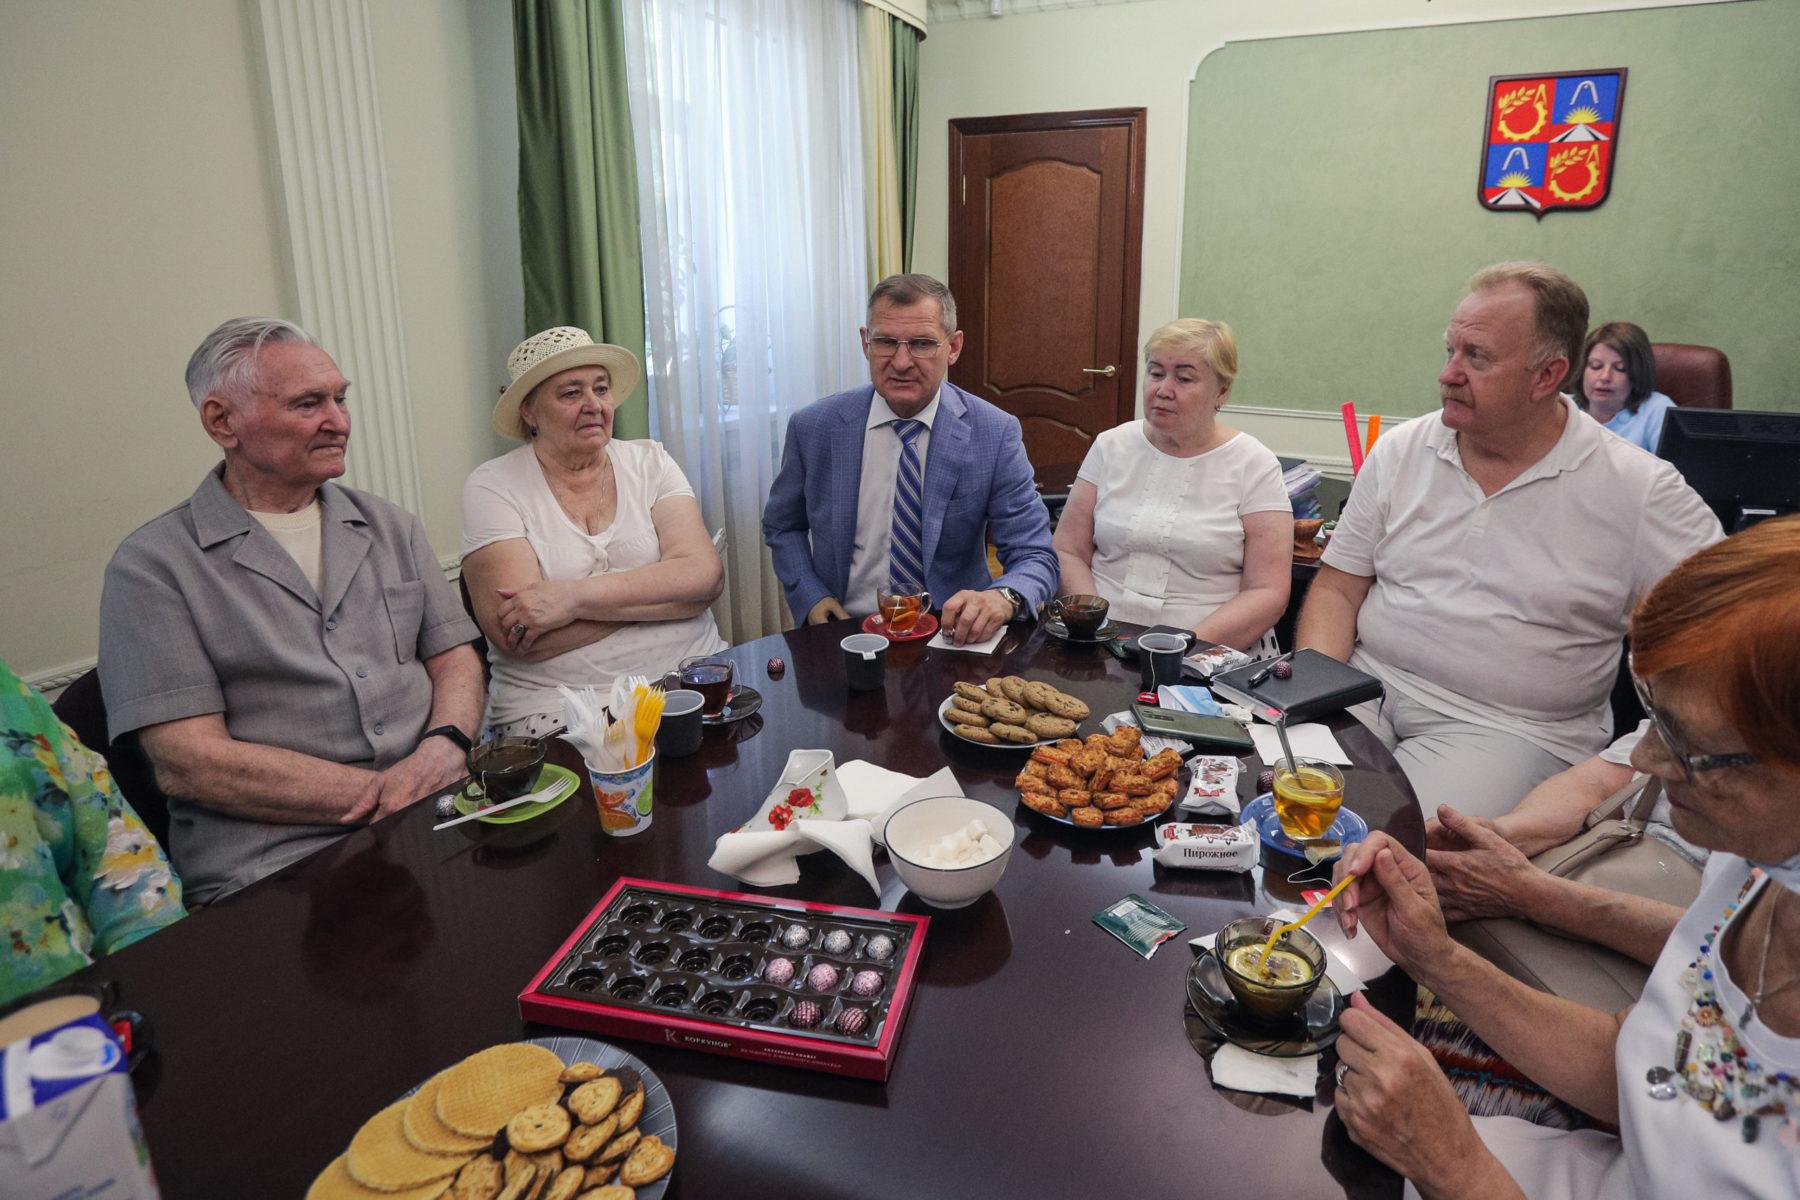 Ветеран из Балашихи попросил помочь установить судьбу деда-фронтовика